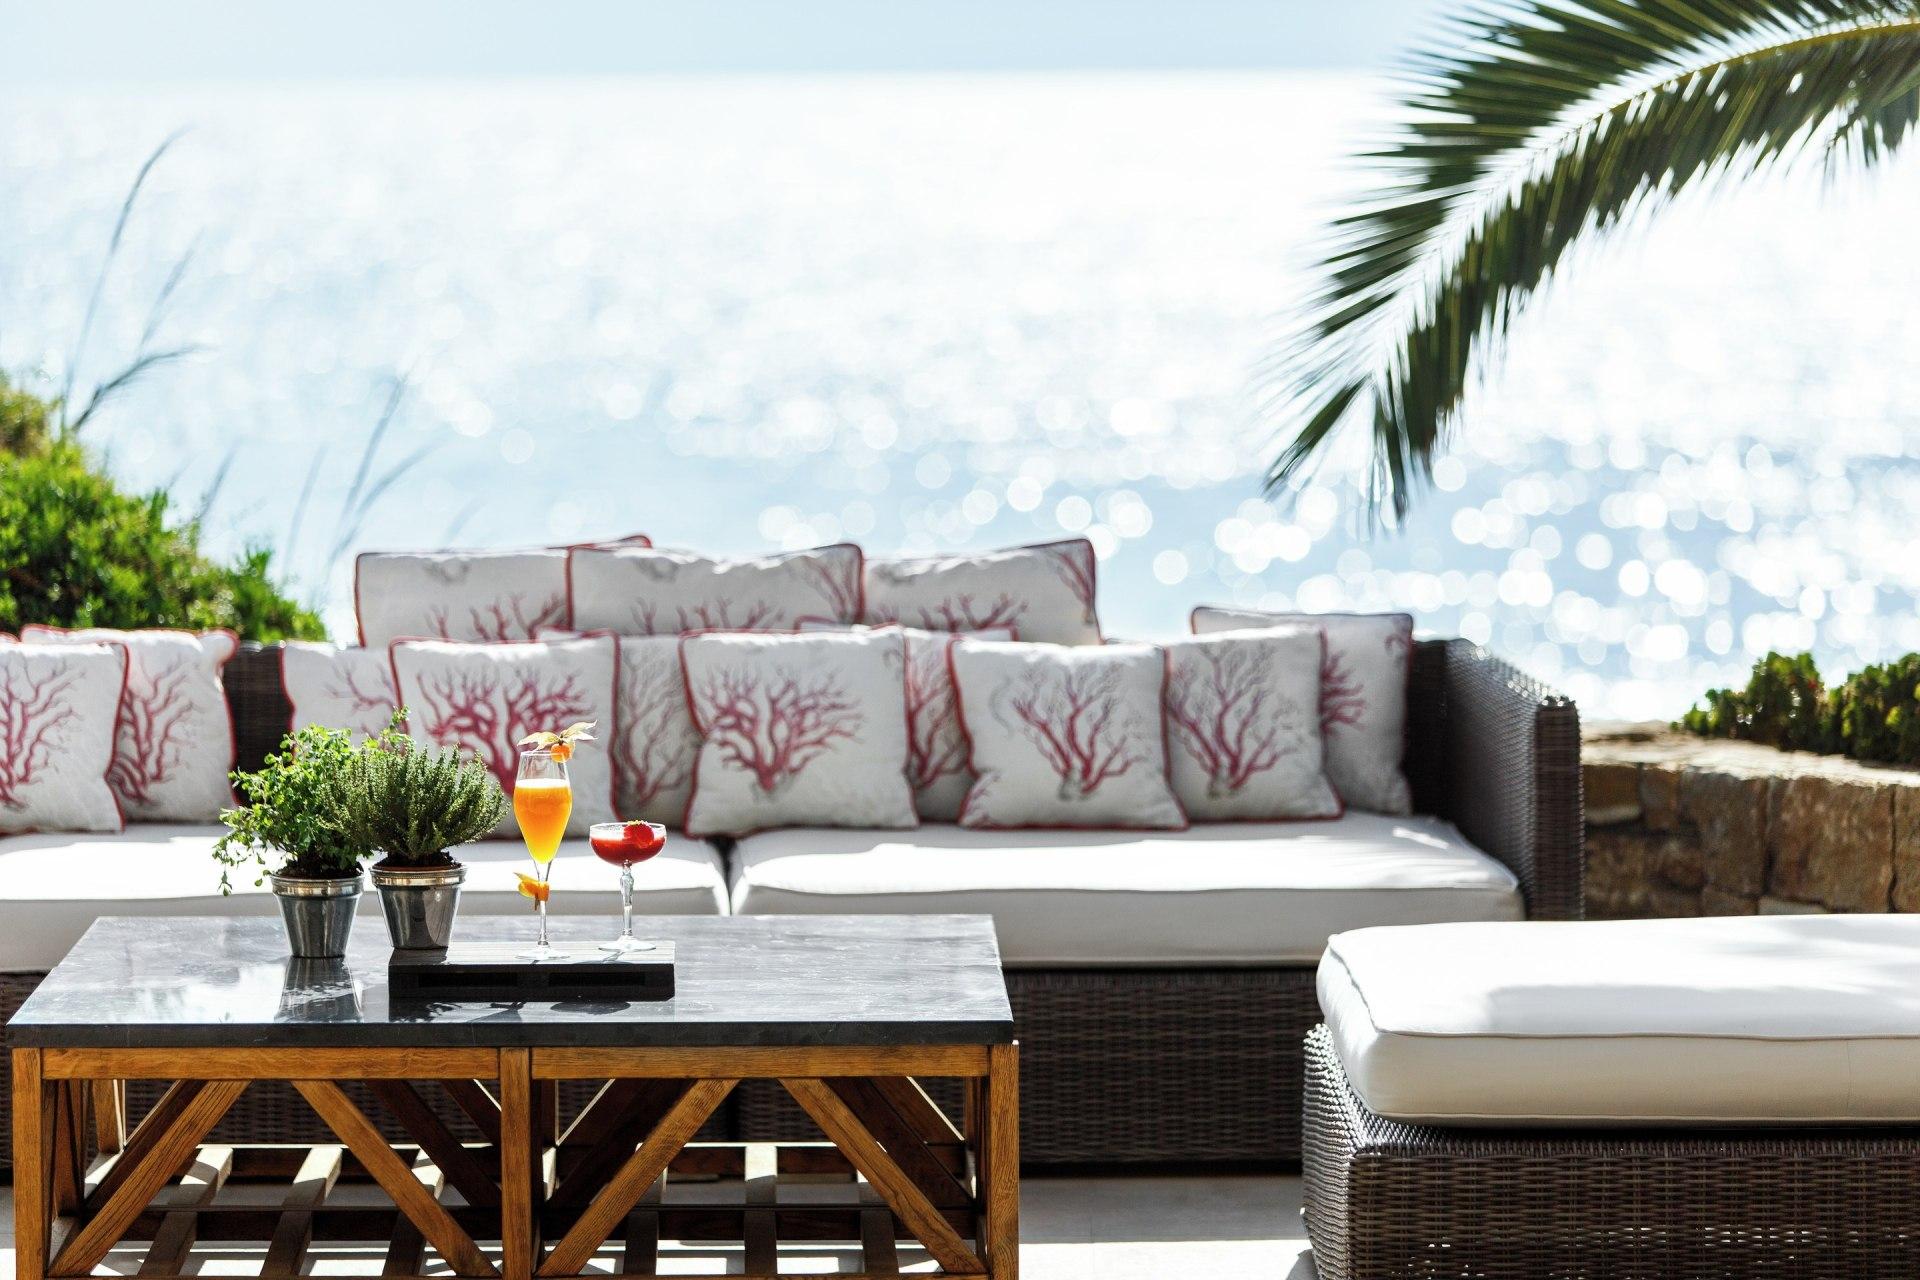 Außenansicht des Cabana Restaurants mit Aussicht auf das Meer